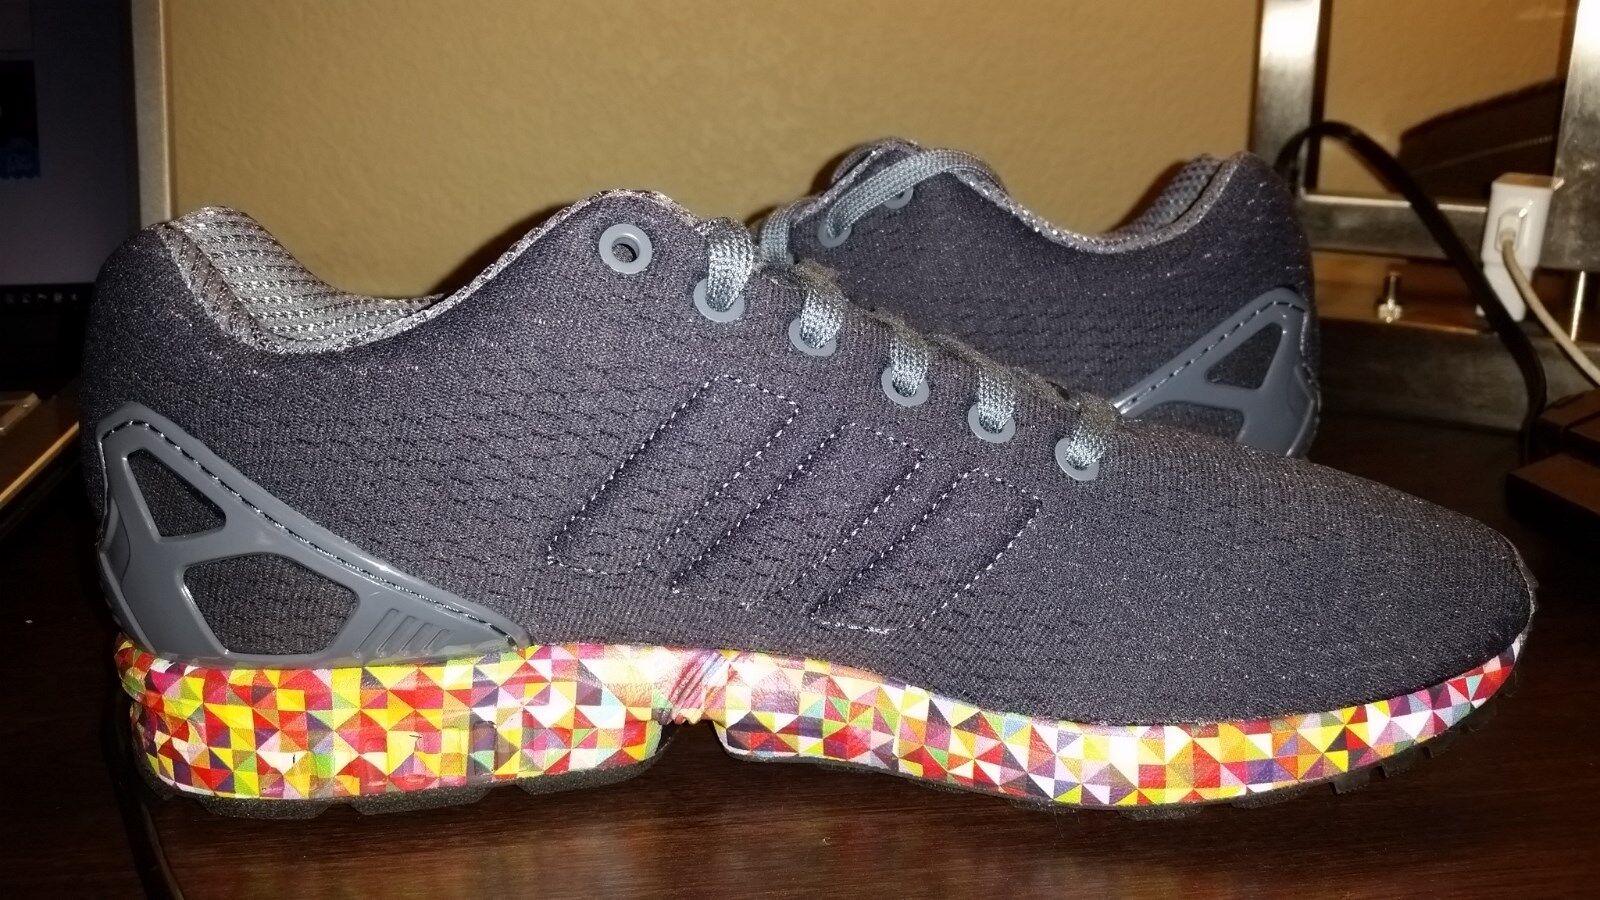 Adidas Digi zx flujo Onix Negro Digi Adidas - suela multicolor mono floral triple xeno c75ab7